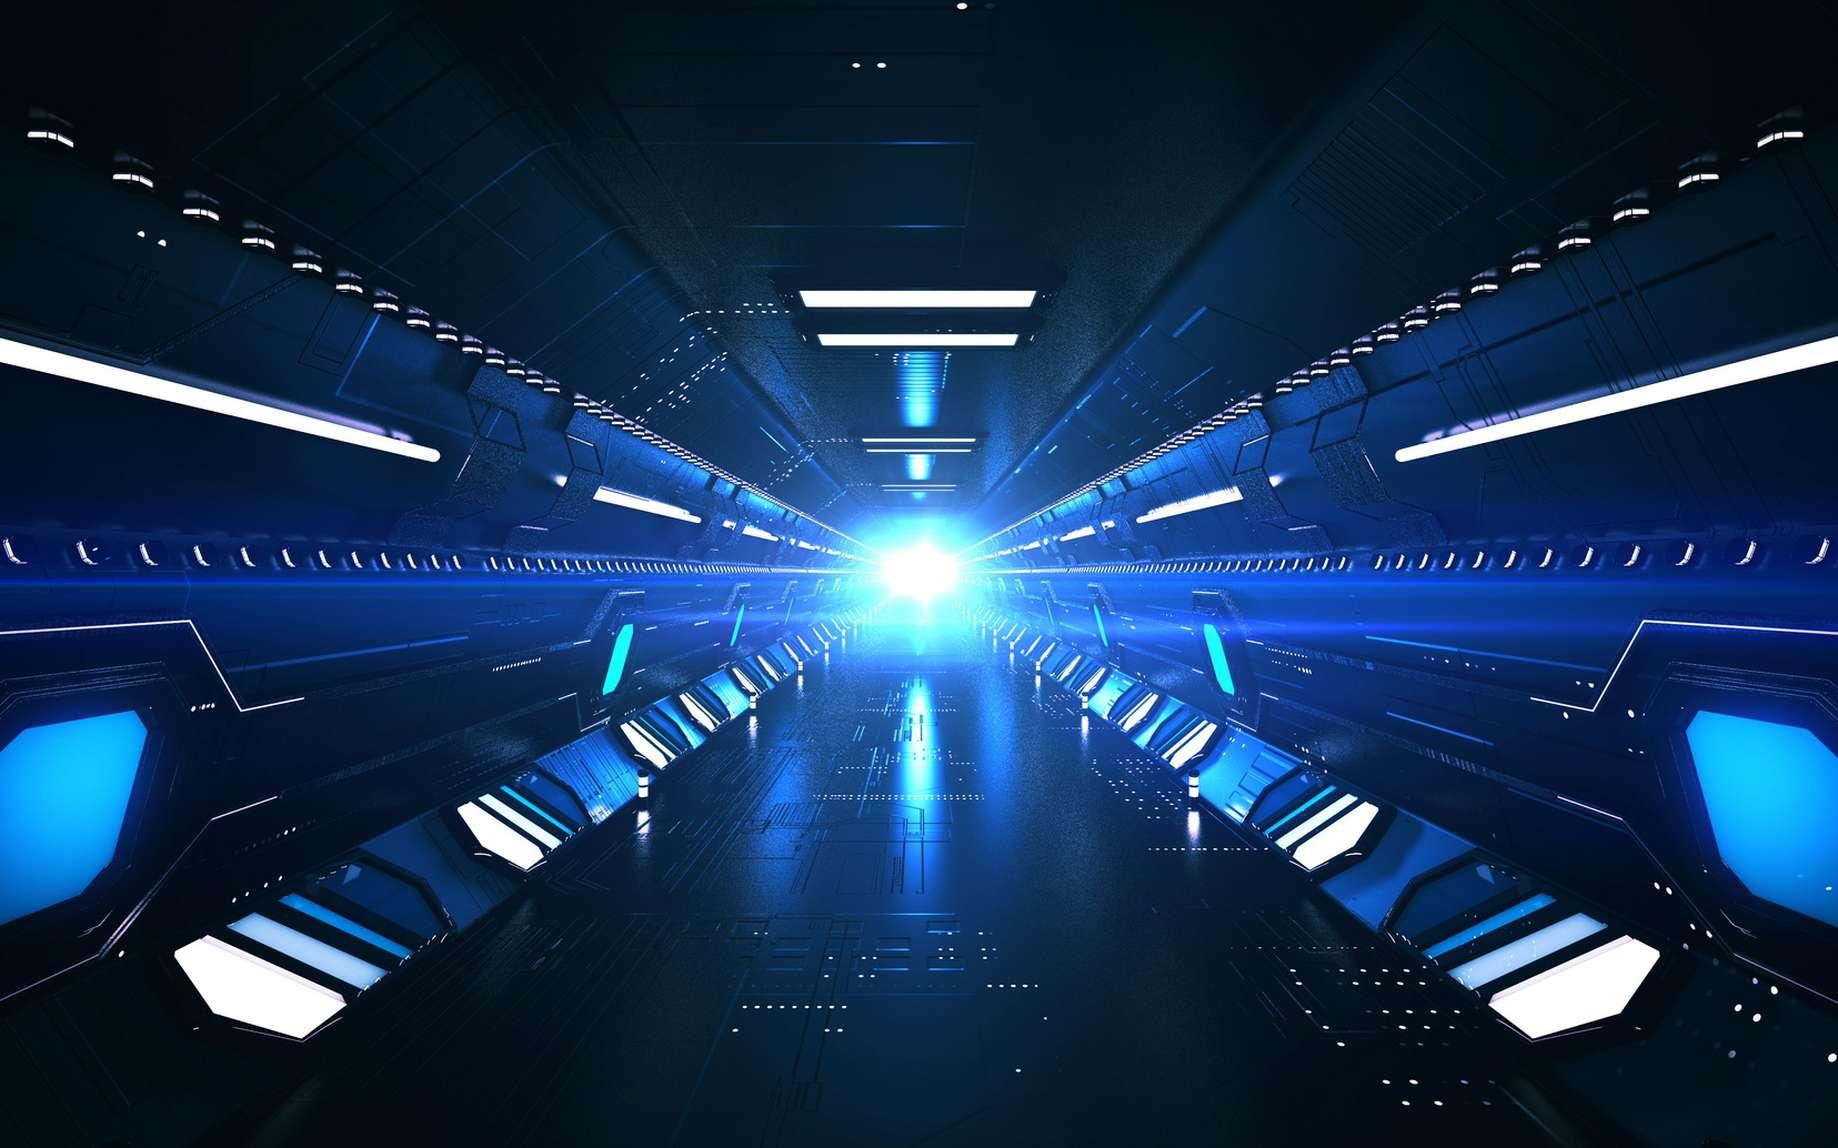 En combinant tunnels, Hyperloop et fusée Big Falcon Rocket de SpaceX, Elon Musk espère bâtir un transport planétaire ultrarapide. © klss777, Fotolia